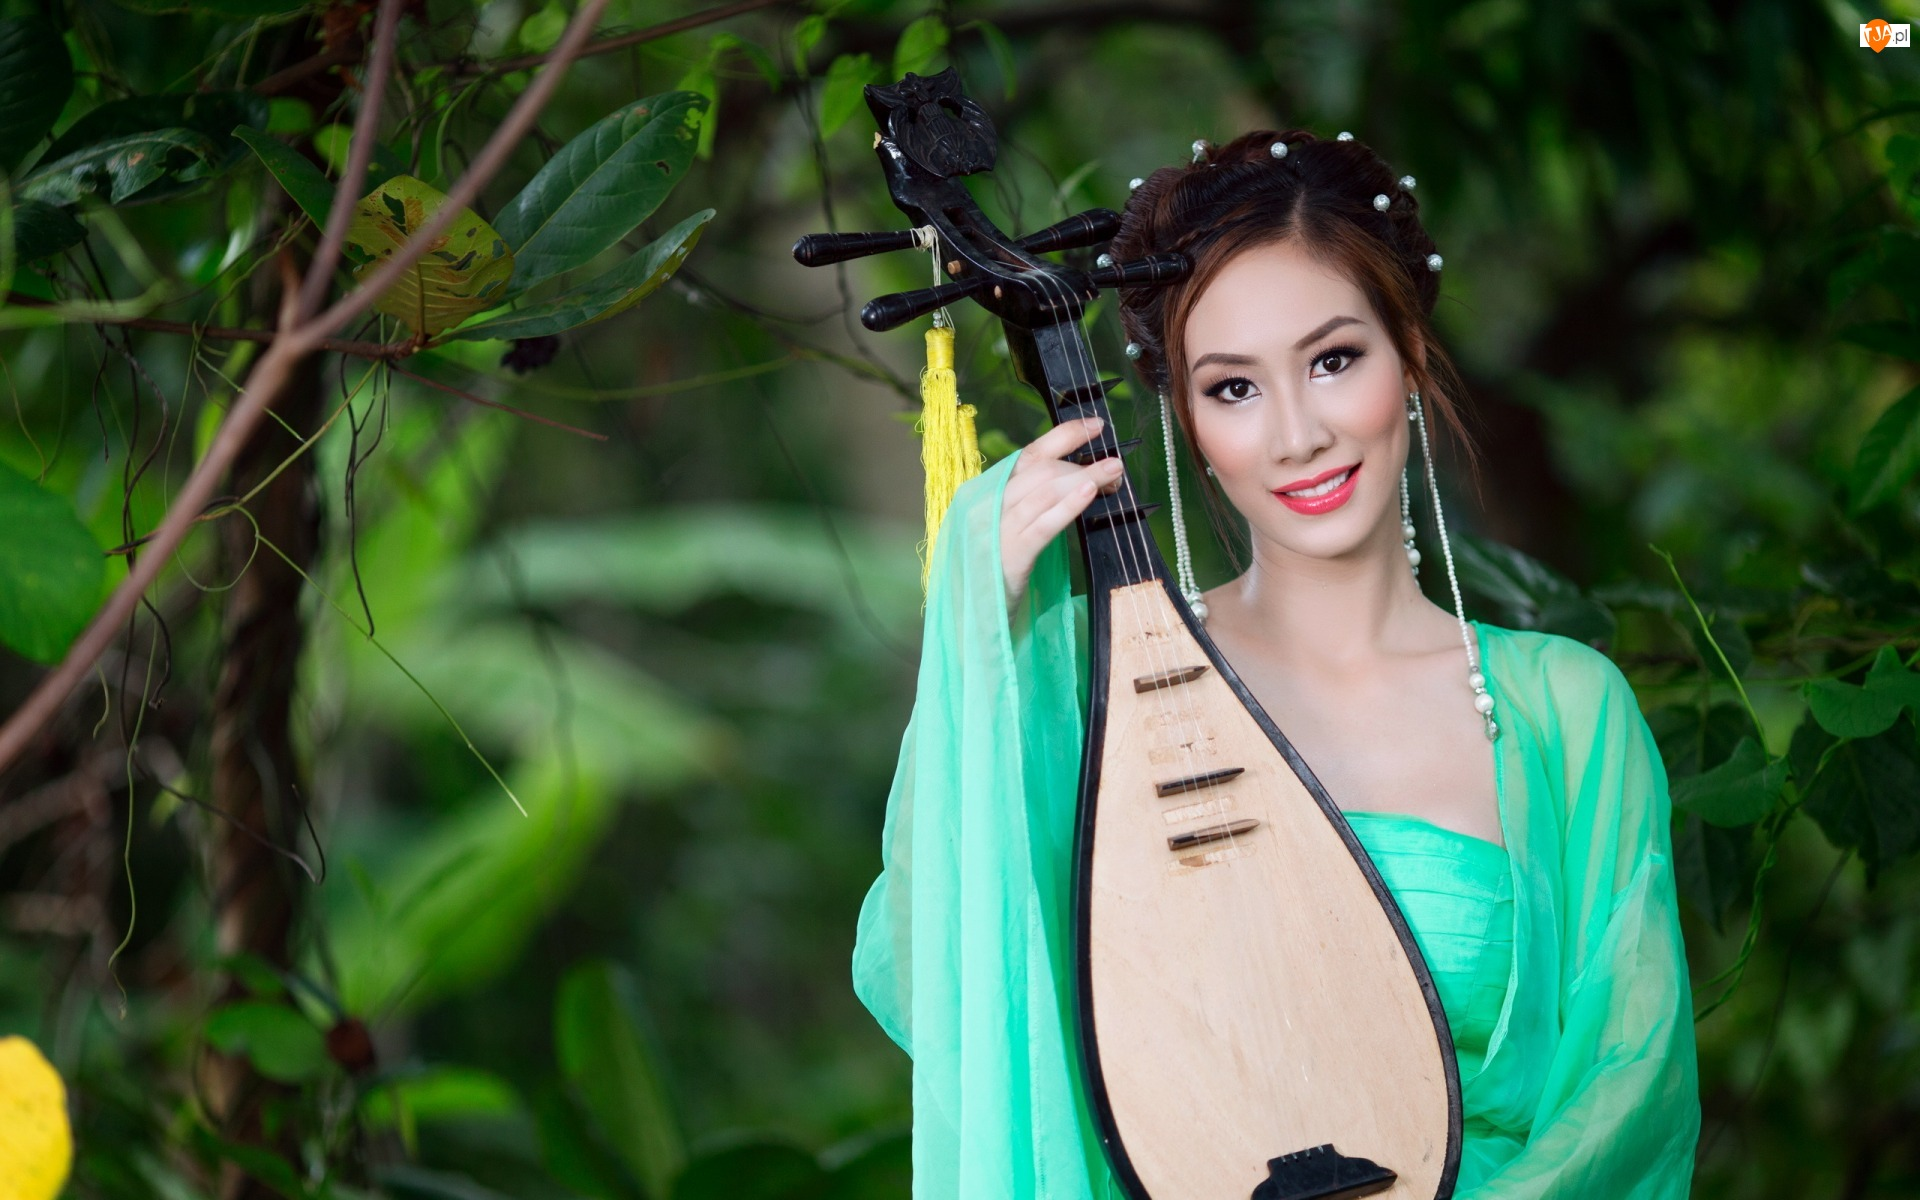 Drzewa, Kobieta, Instrument, Azjatka, Pipa